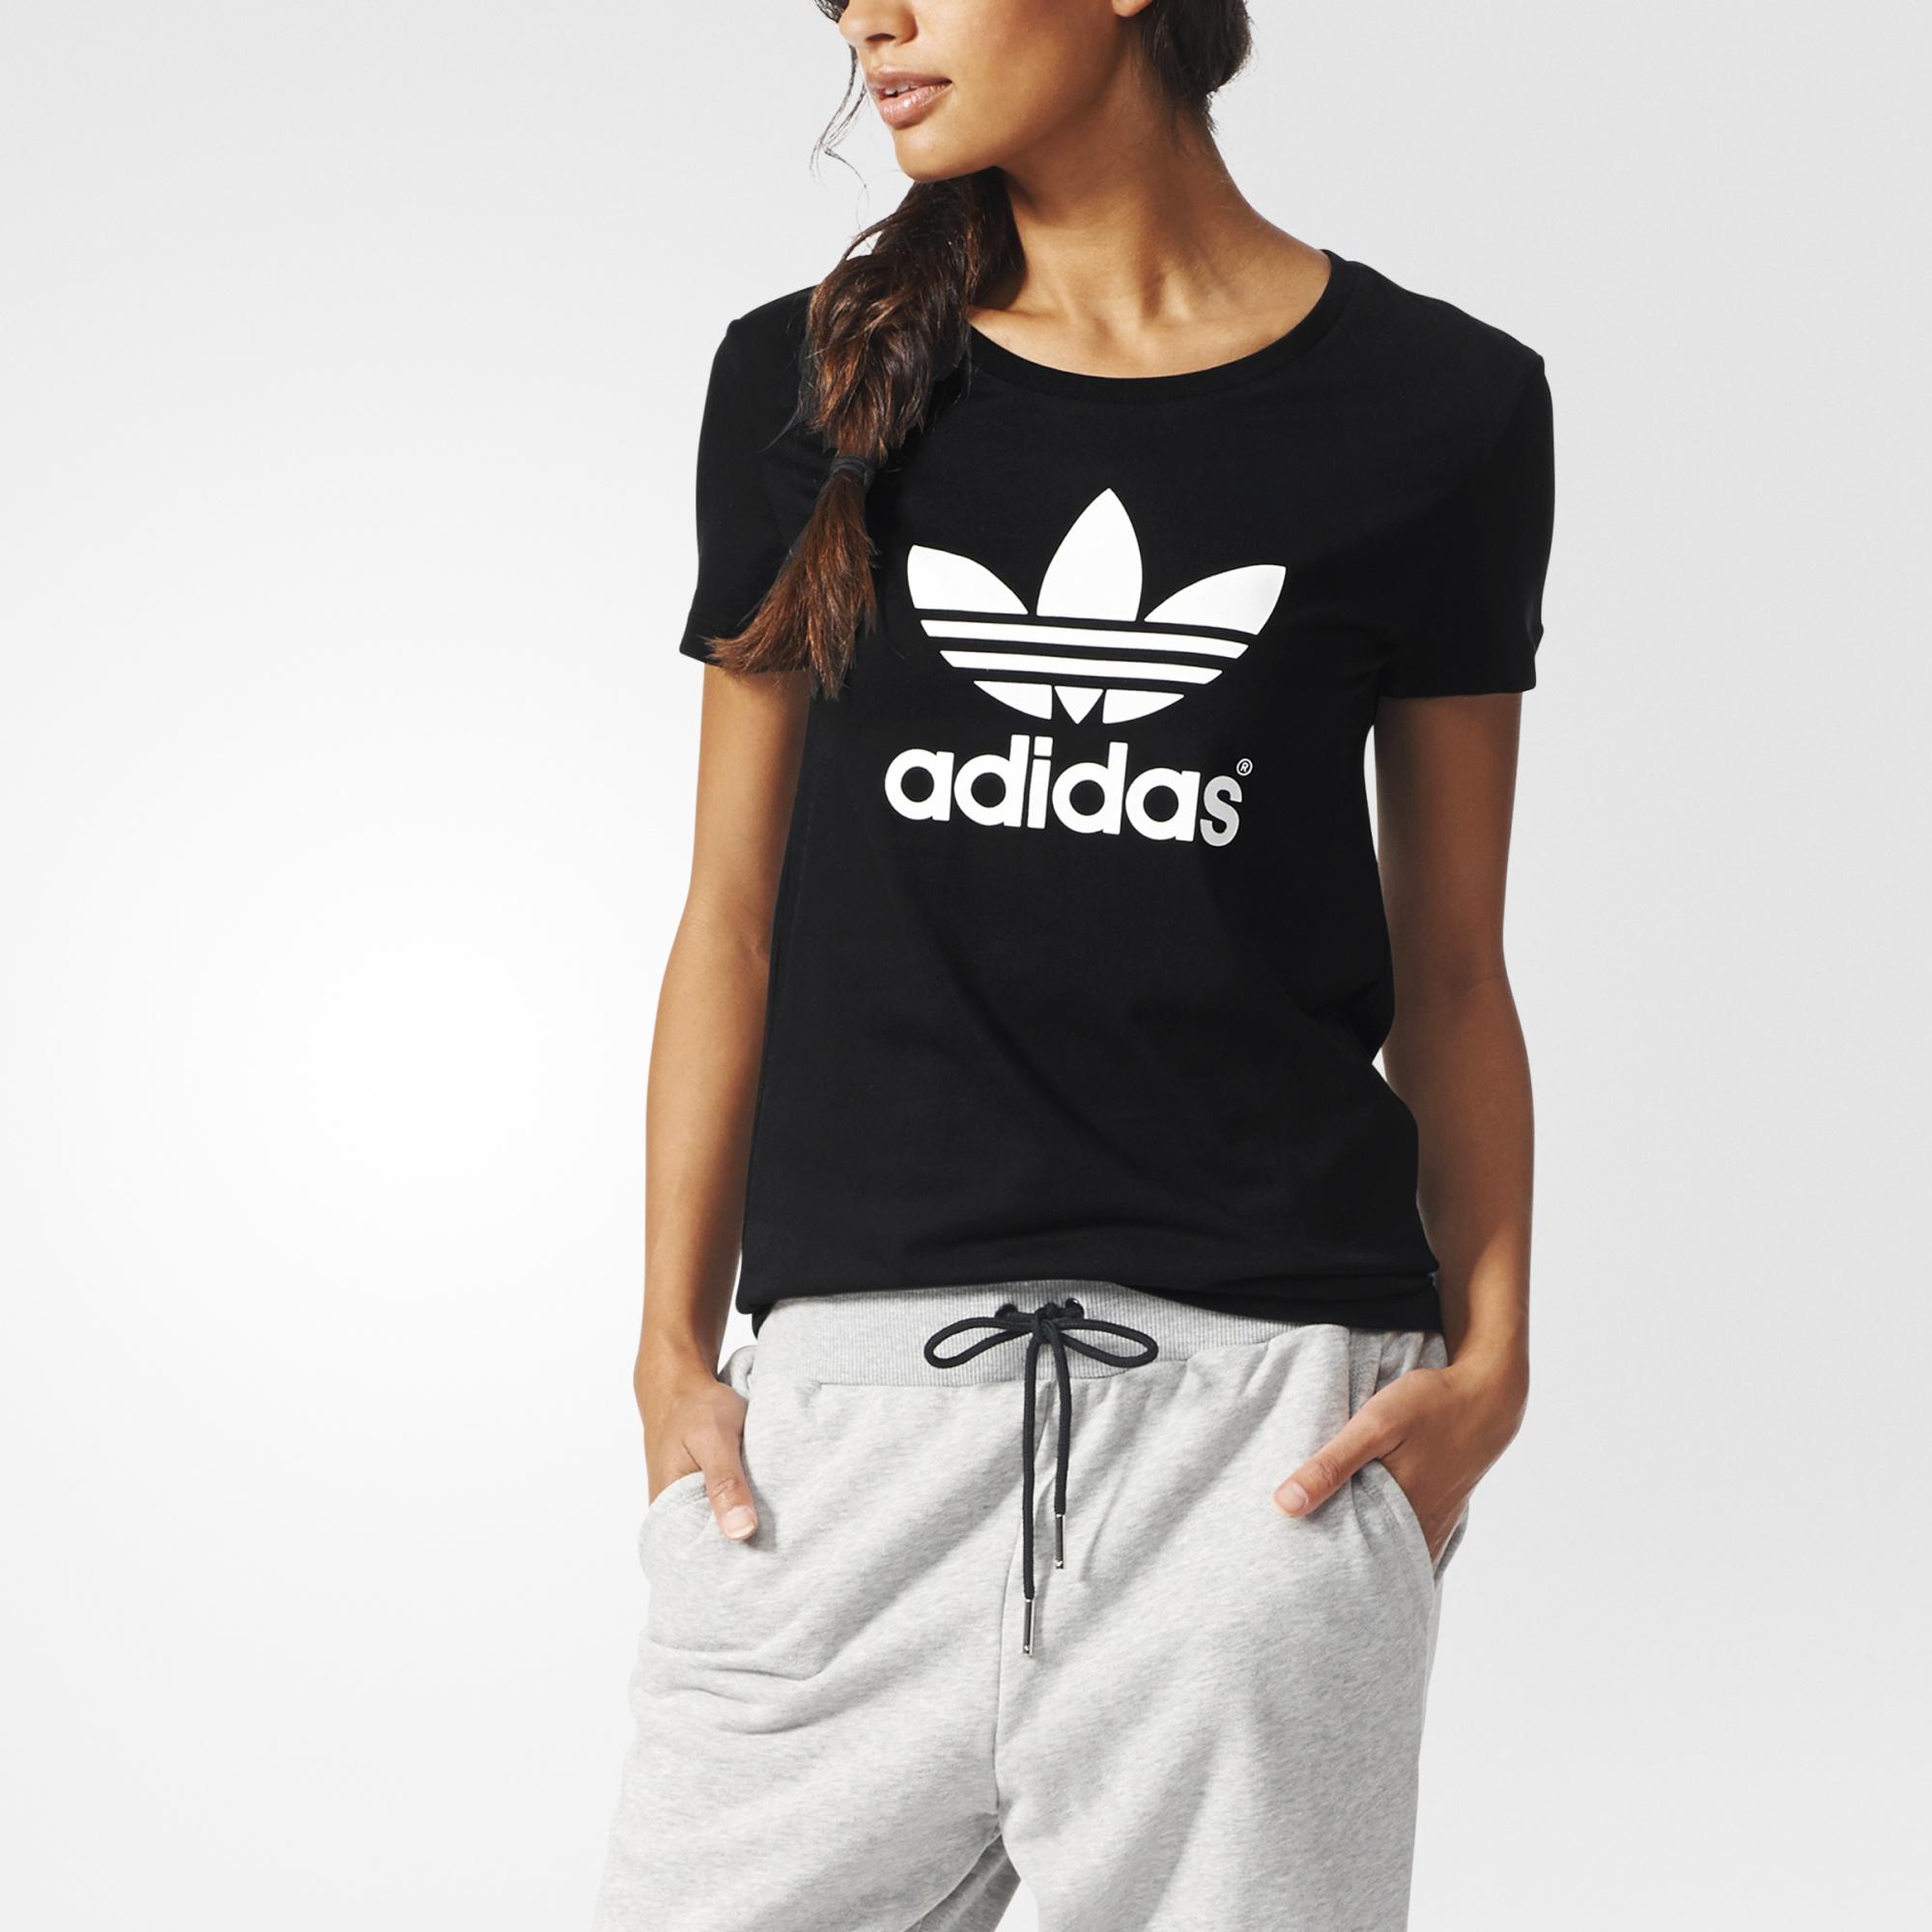 9e5fc82288c adidas Trefoil Tee - Black | adidas UK